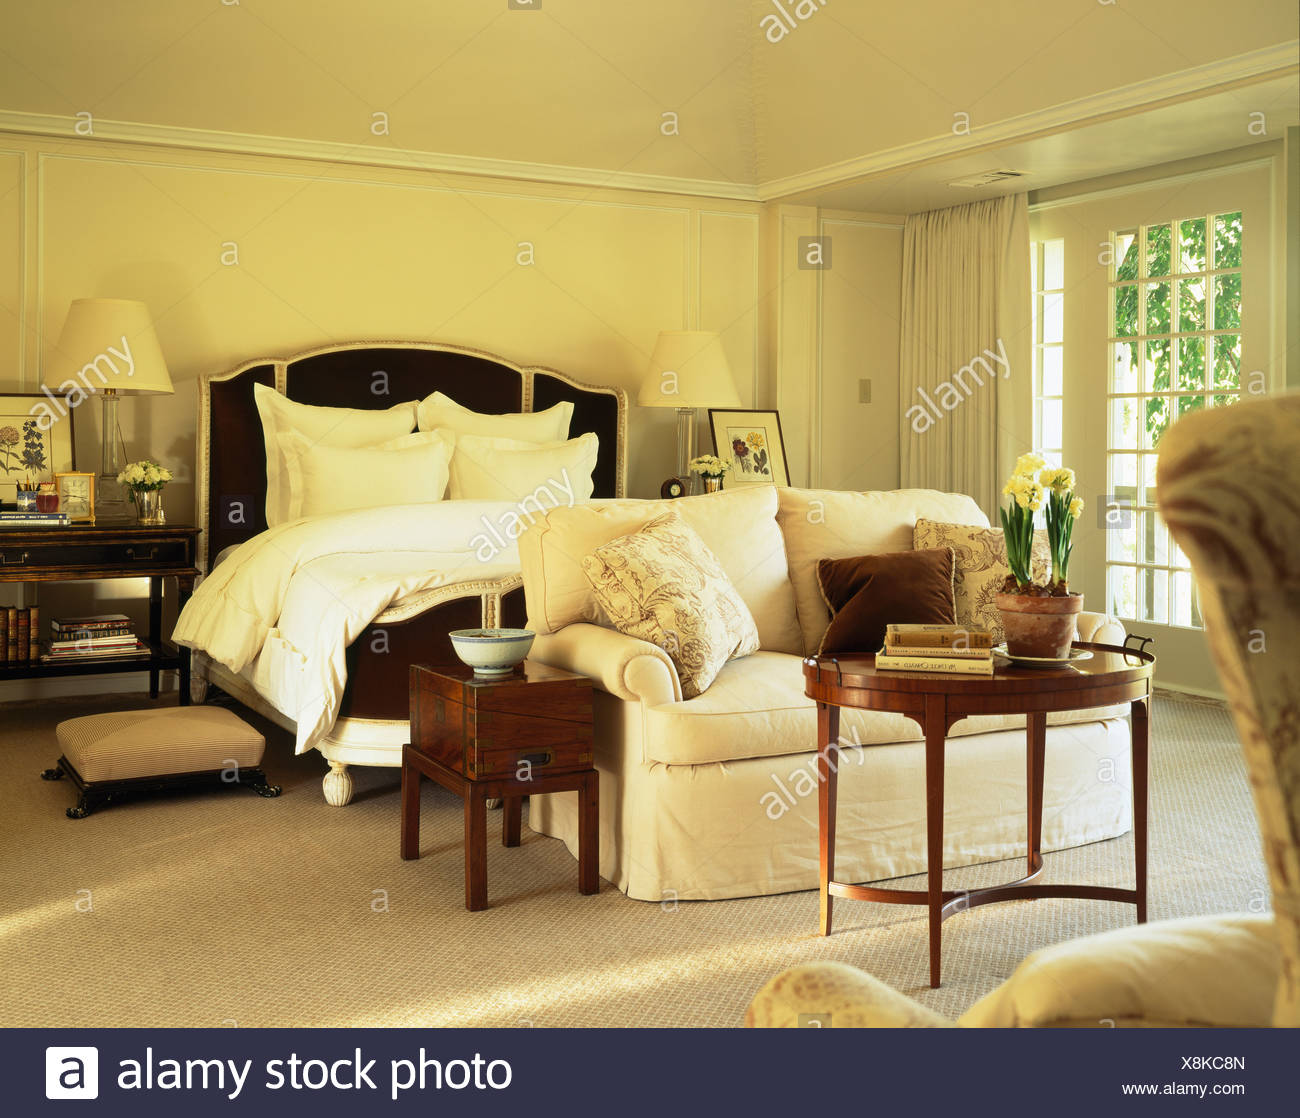 Bequemes Weißes Sofa Und Antike Möbel Im Traditionellen Creme Landhaus  Schlafzimmer Mit Weißen Kissen Und Bettwäsche Bett